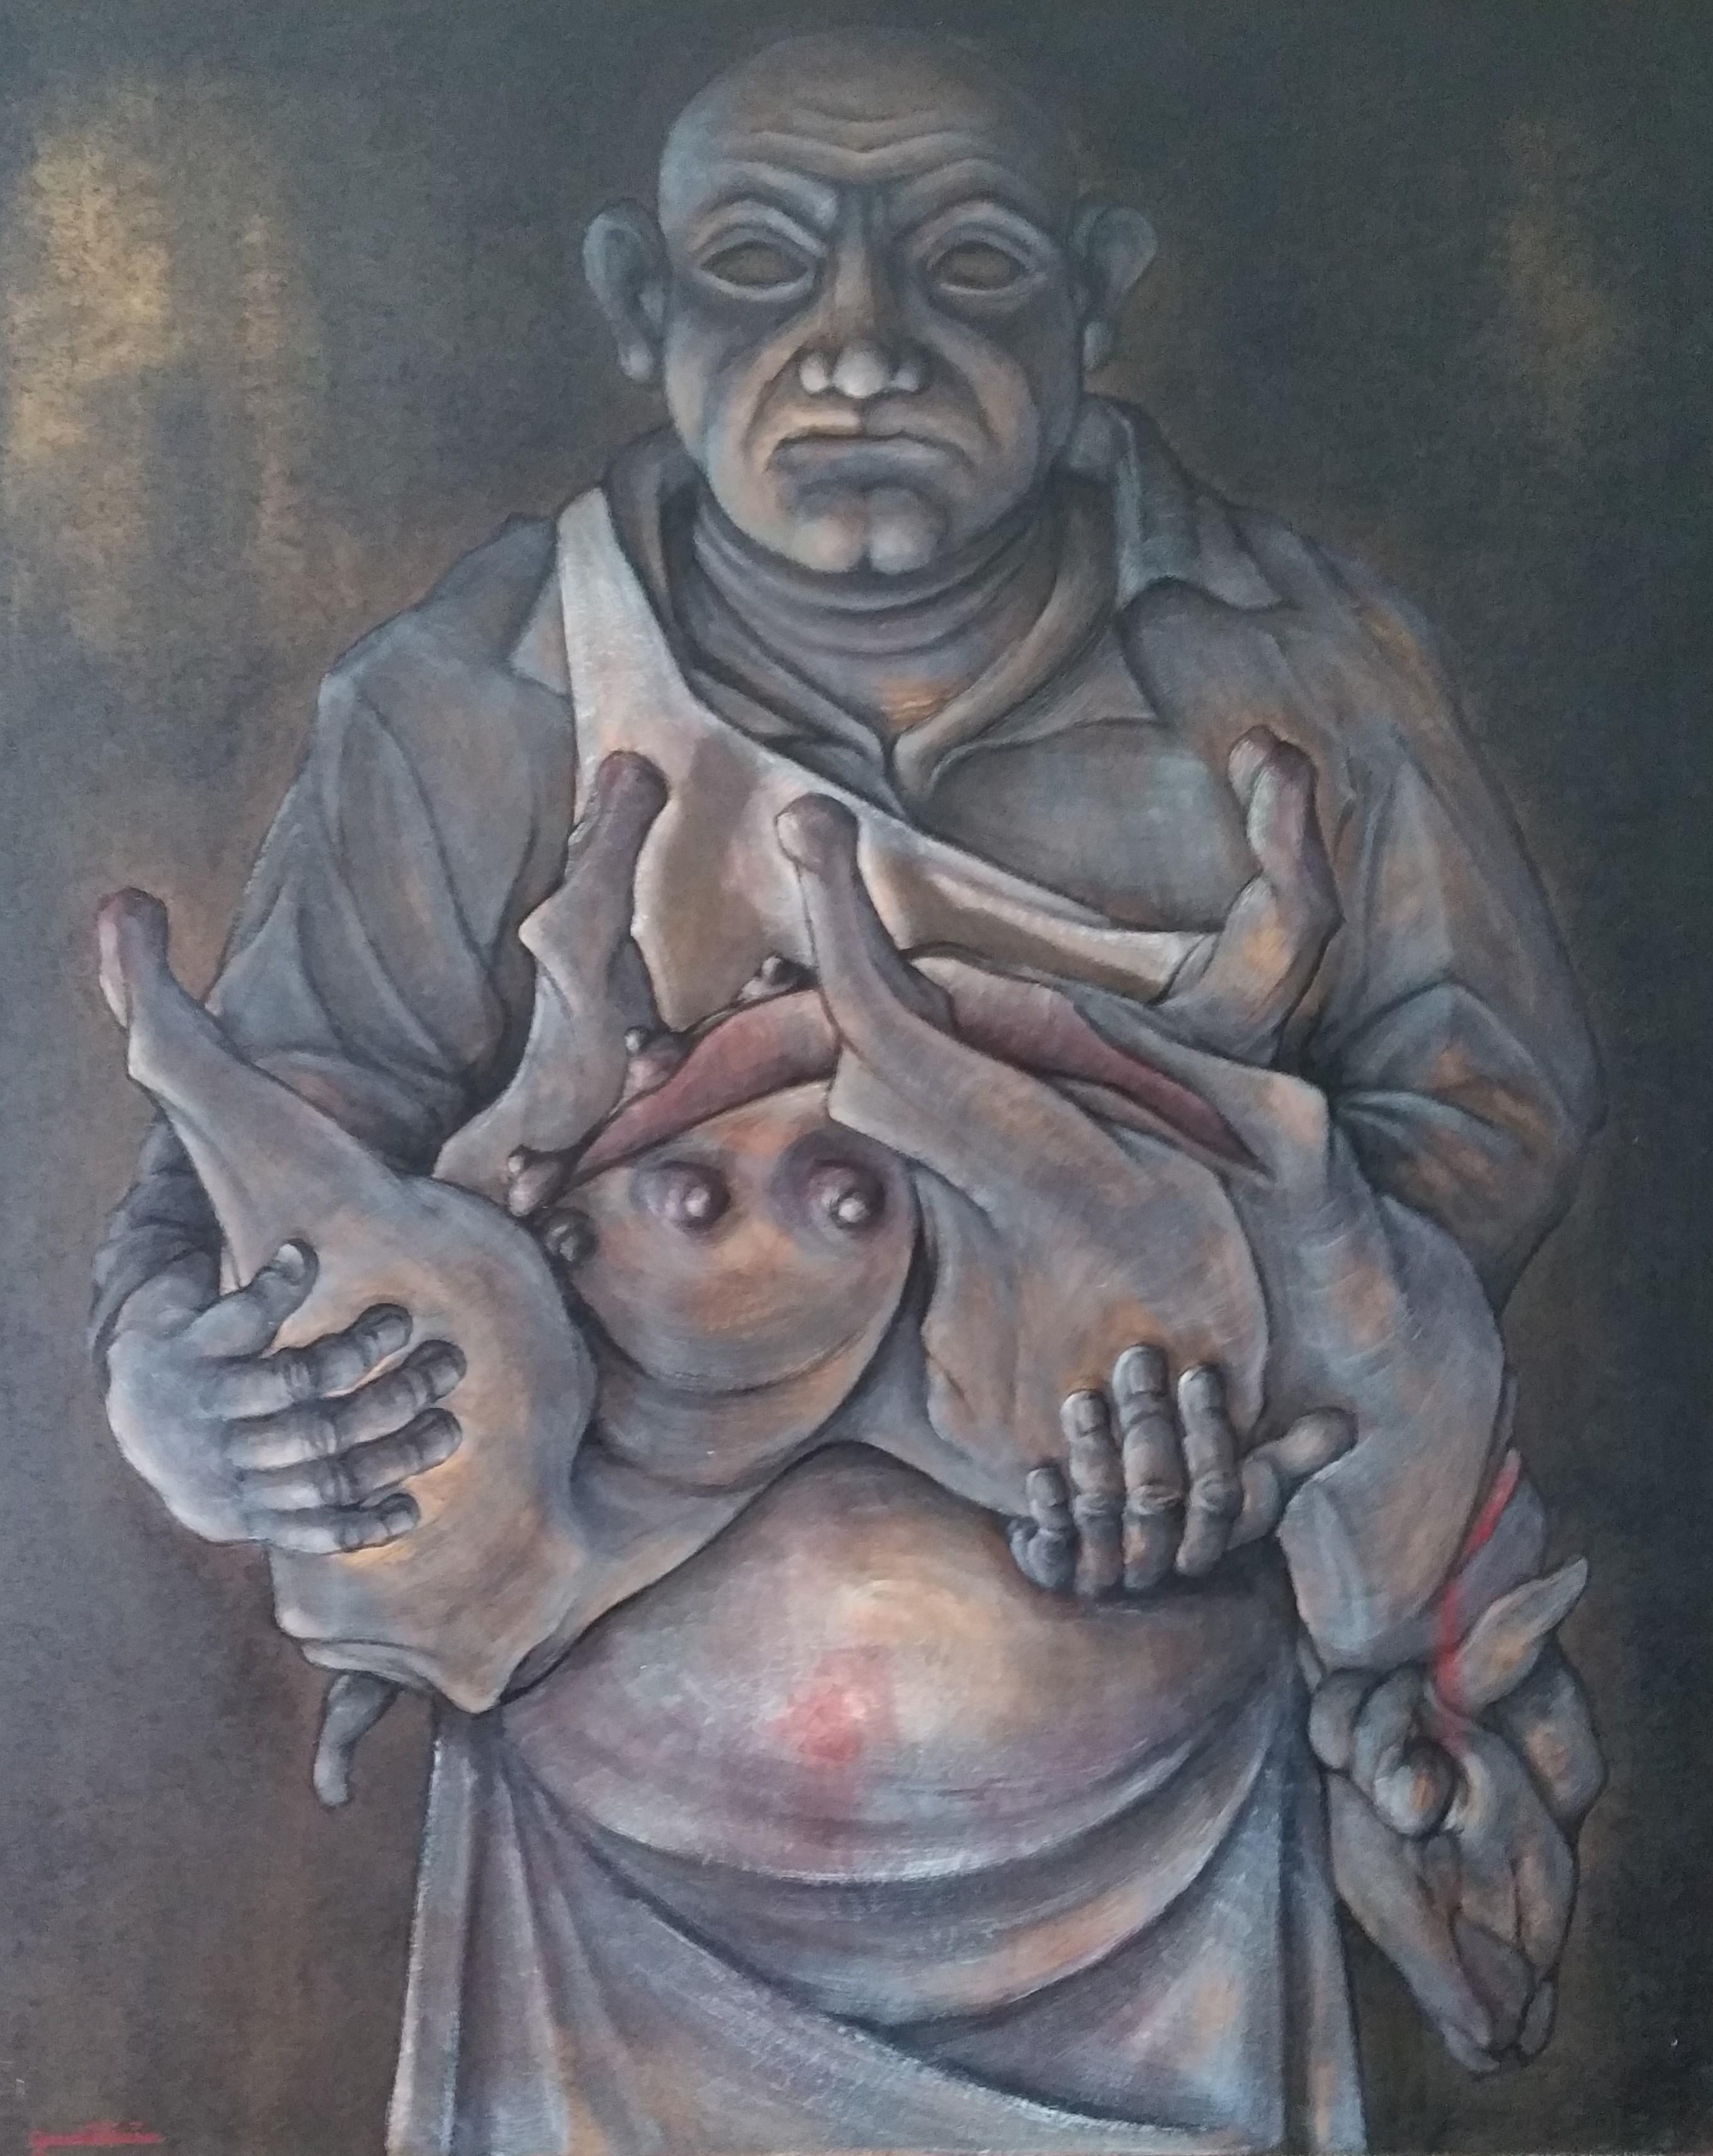 1986 Le boucher